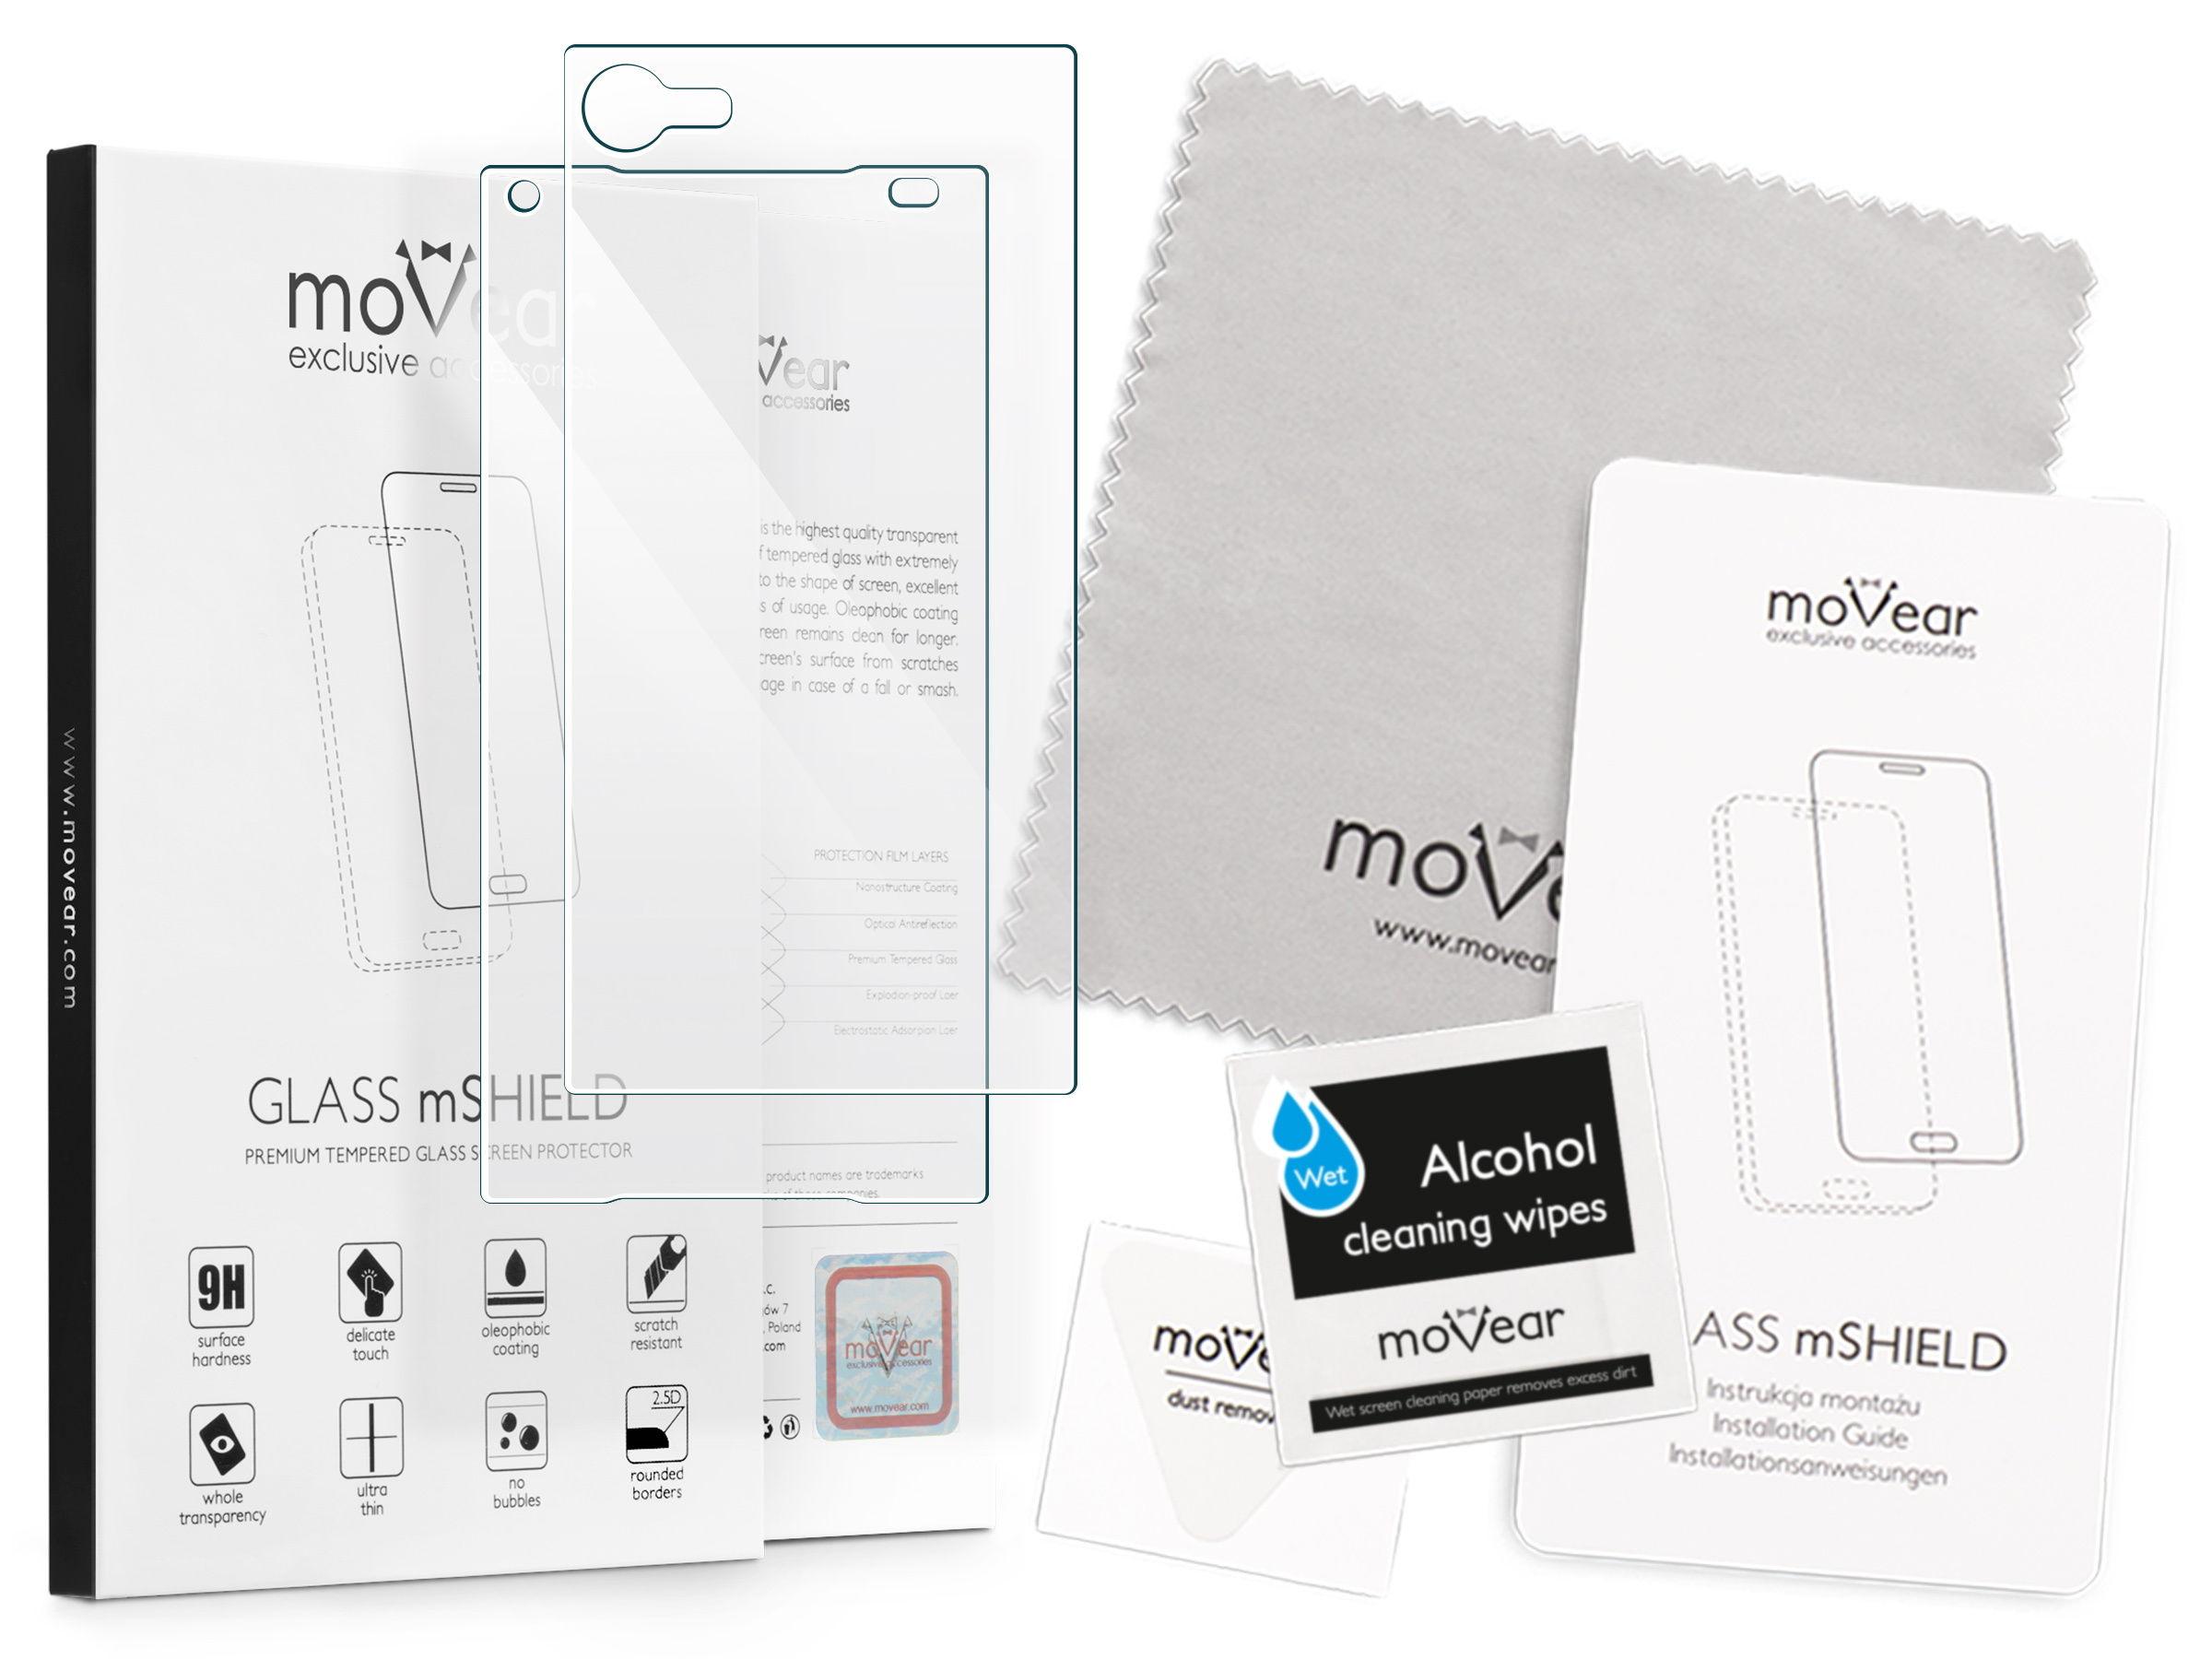 GLASS mSHIELD 2 5D Szkło Hartowane do Sony Xperia Z5 pact Prz³d Tył